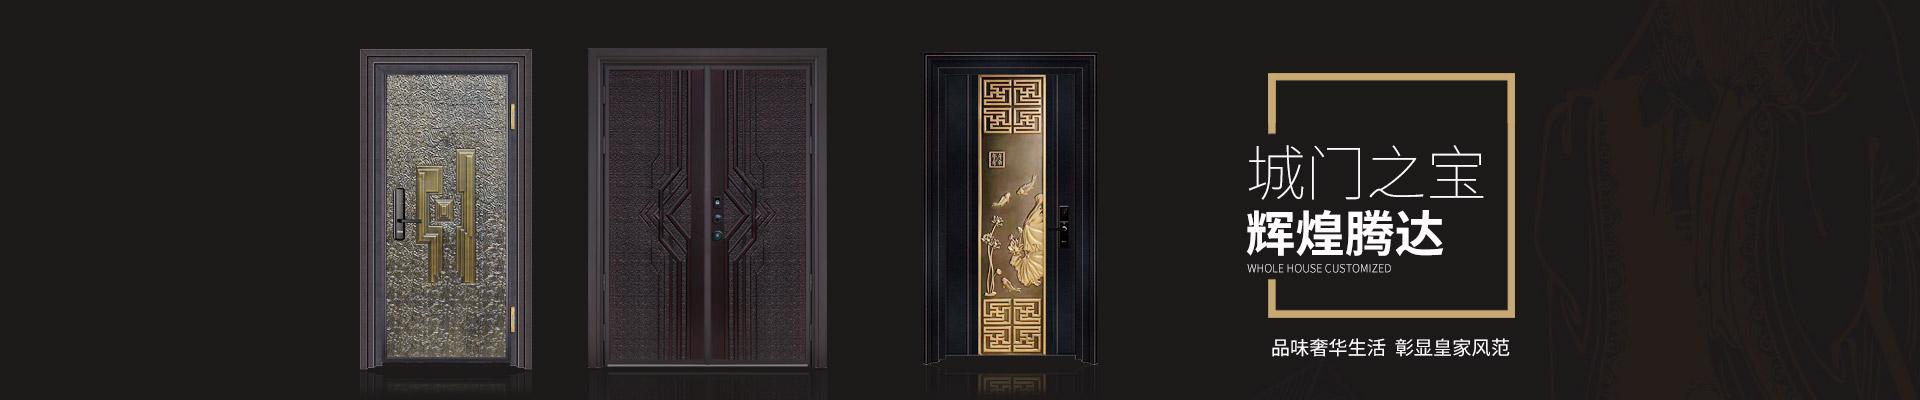 铝艺防爆门:城门之宝 ·辉煌腾达 品味奢华生活 彰显皇家风范